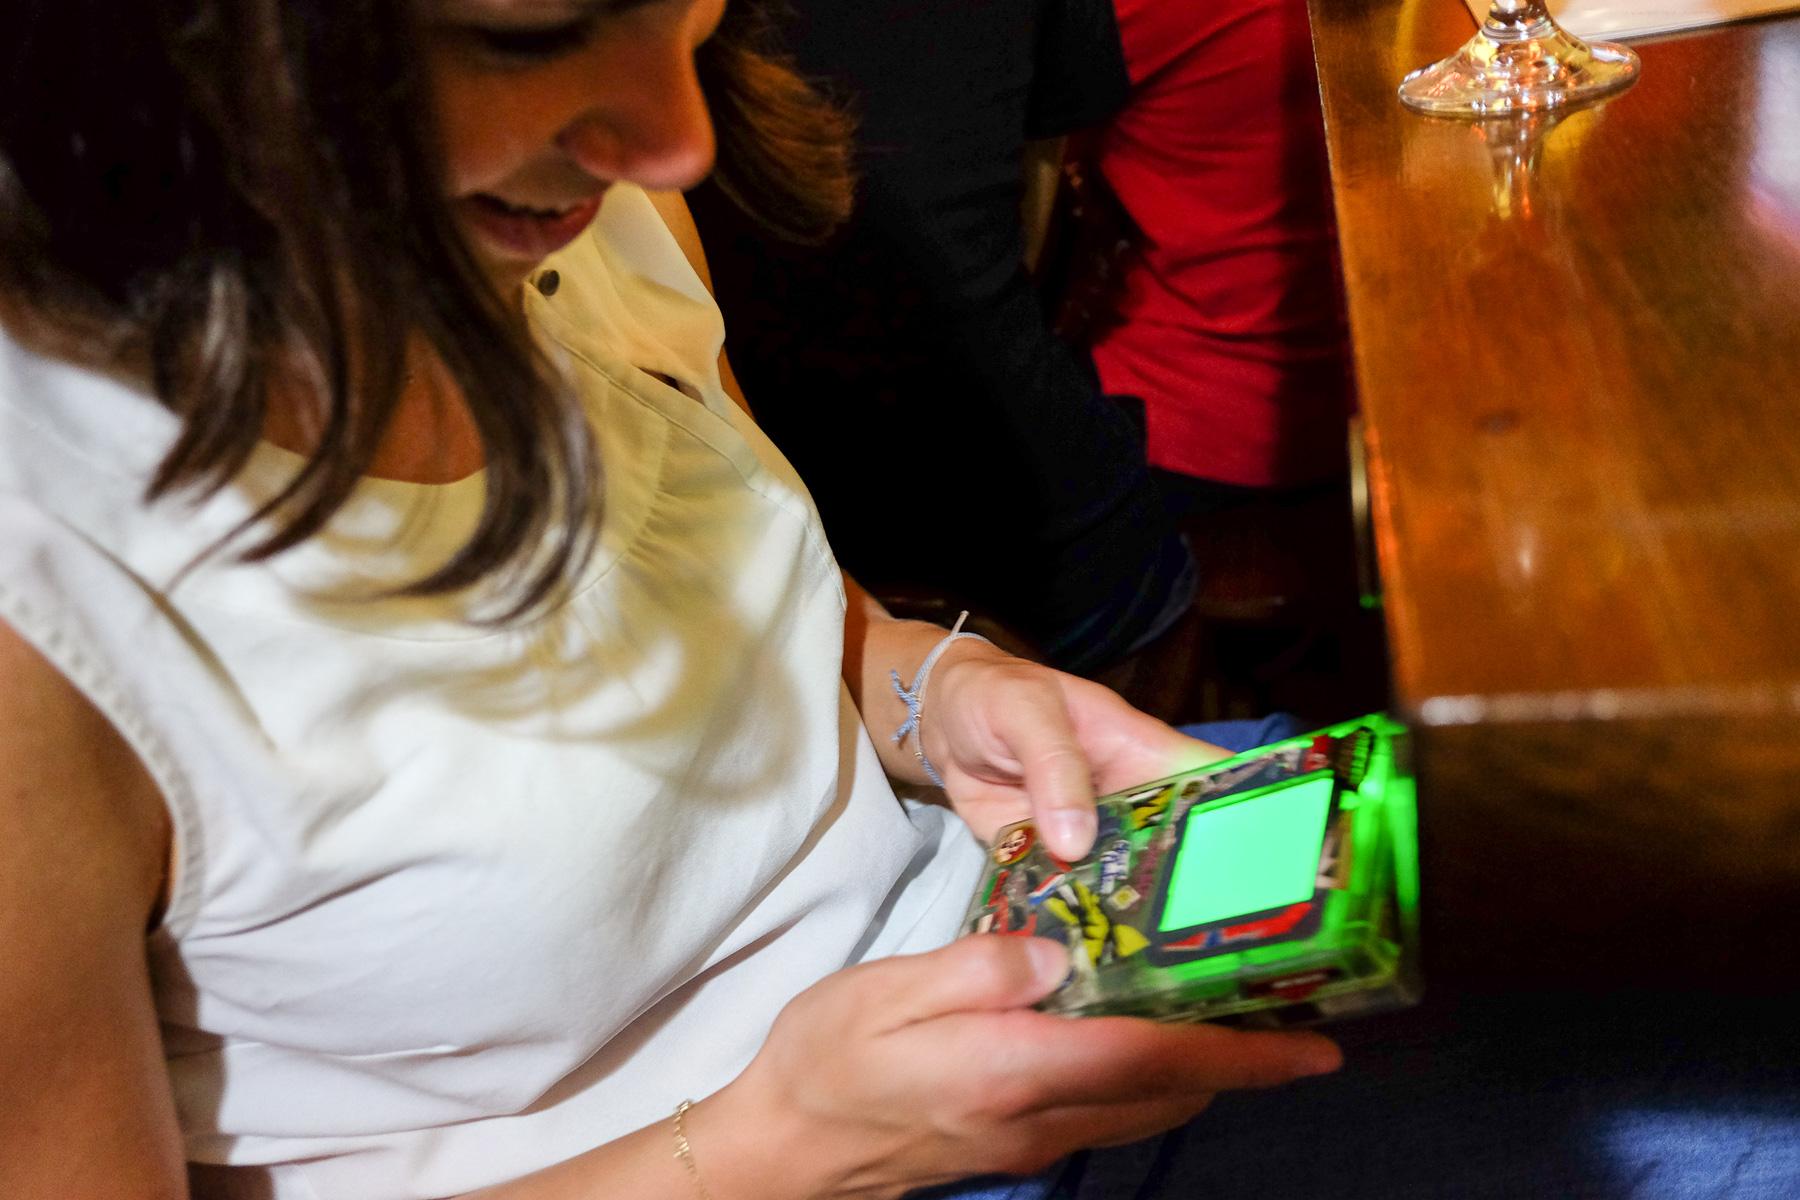 Man konnte manche Gäste beim Game Boy spielen beobachten.